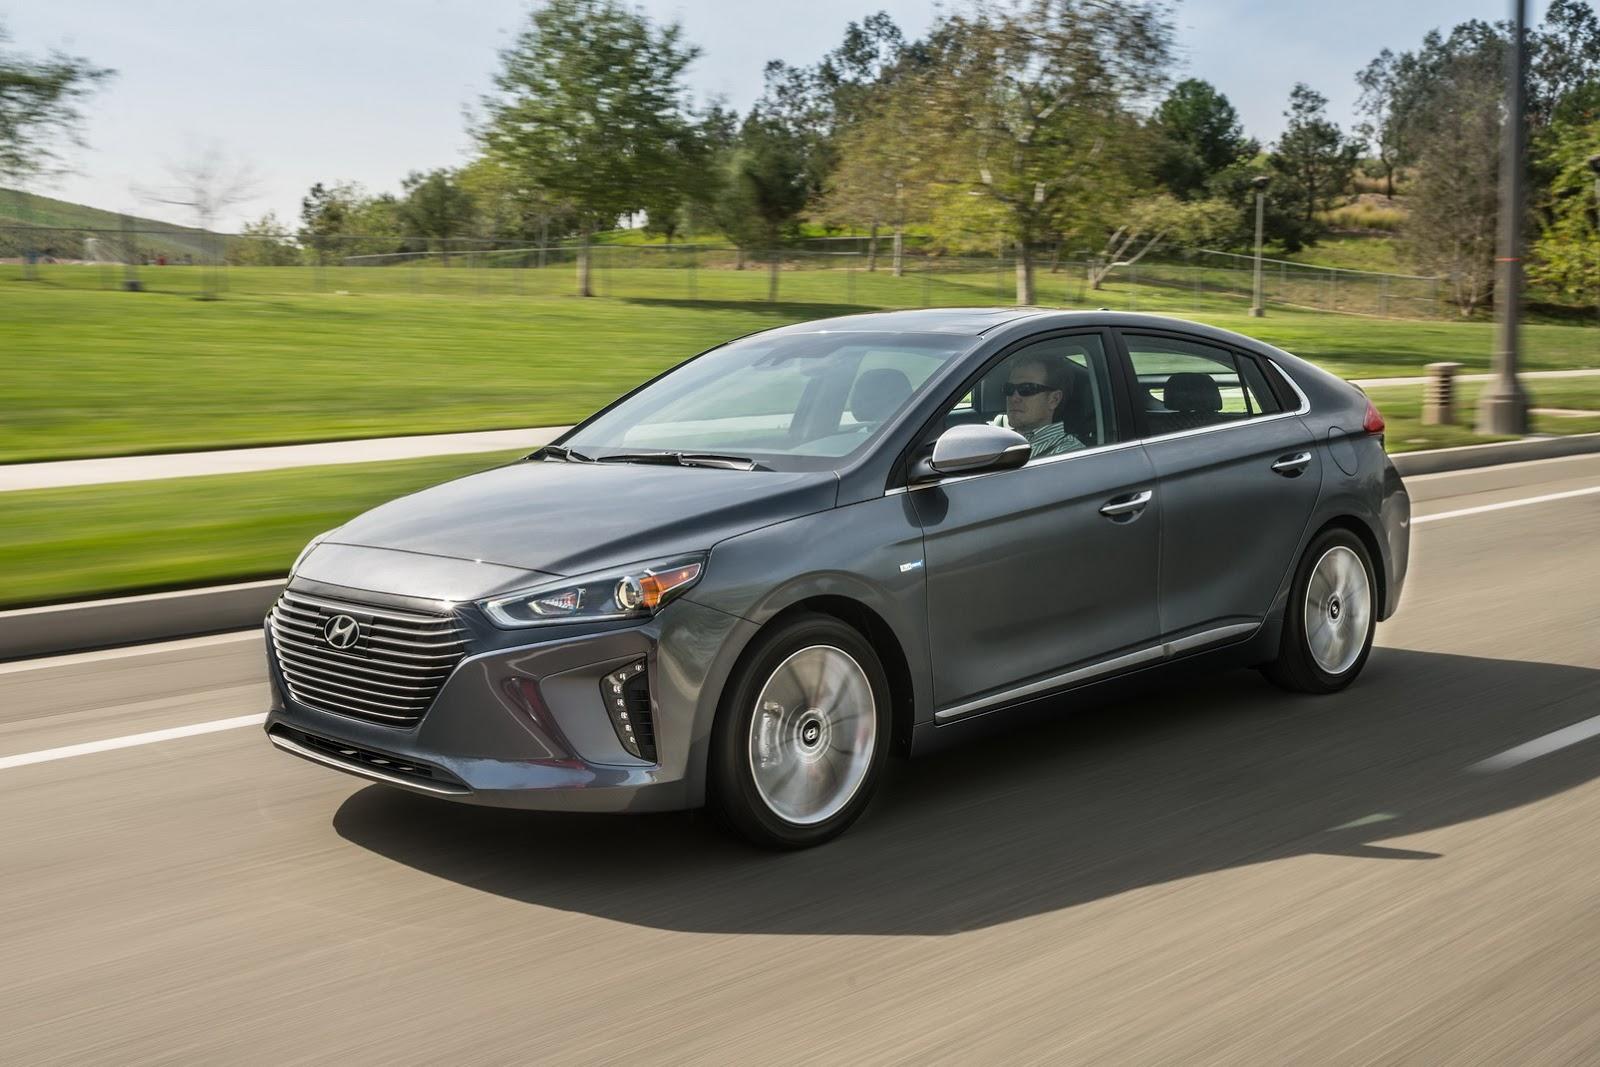 Hyundai Ioniq 2017 hứa hẹn sẽ là đối thủ cạnh tranh xứ tầm với Toyota Prius